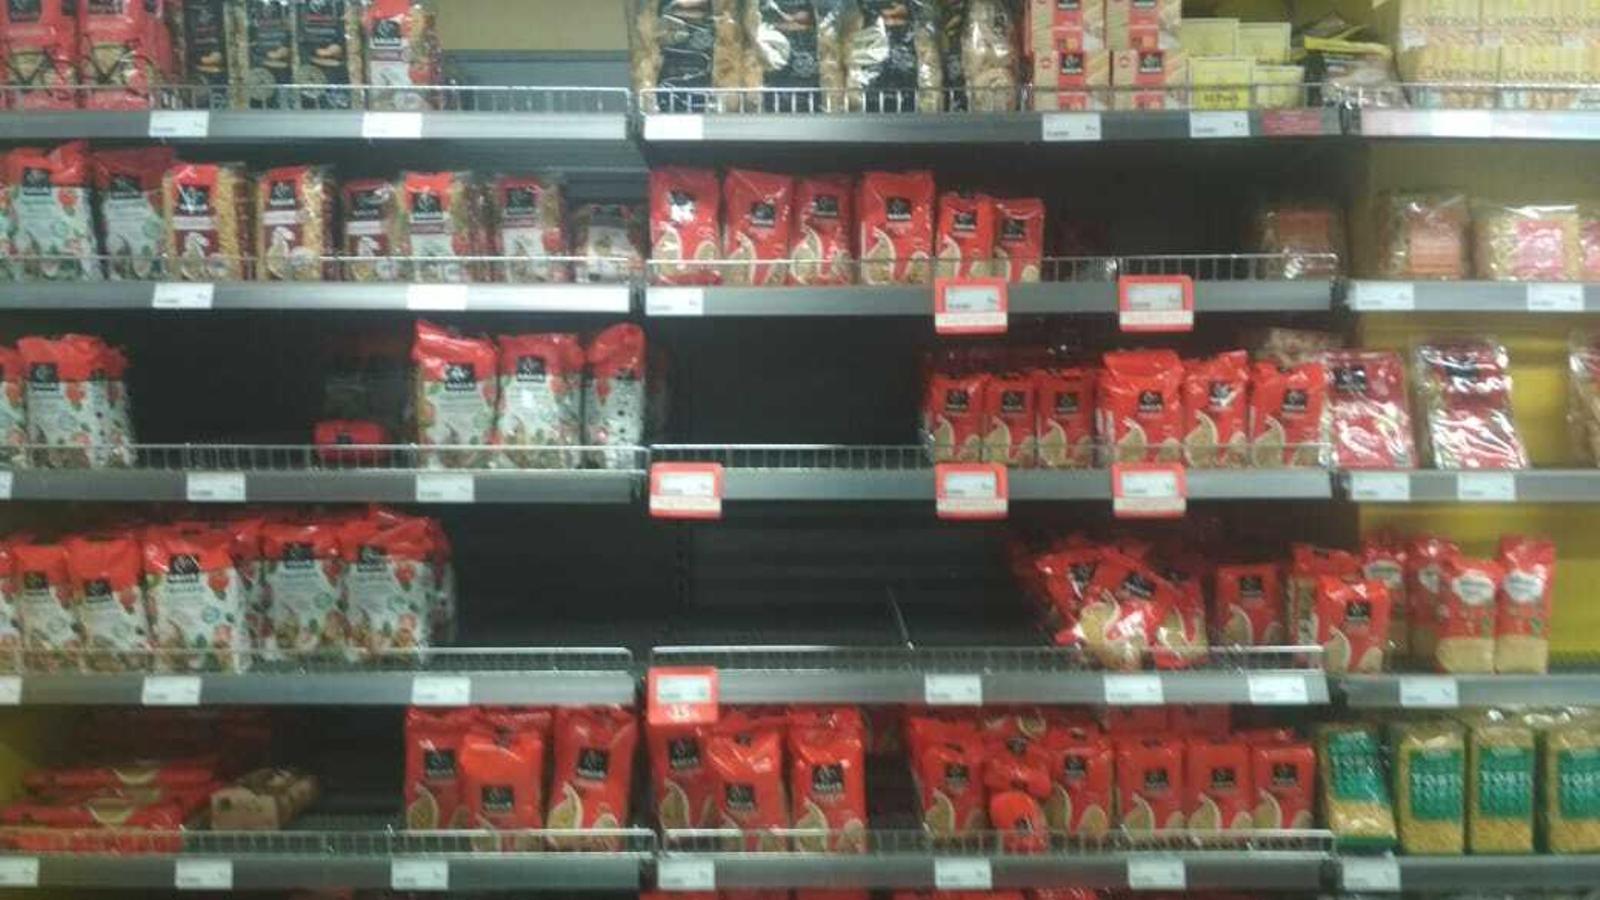 Una secció d'un dels supermercats del país. / E. C.